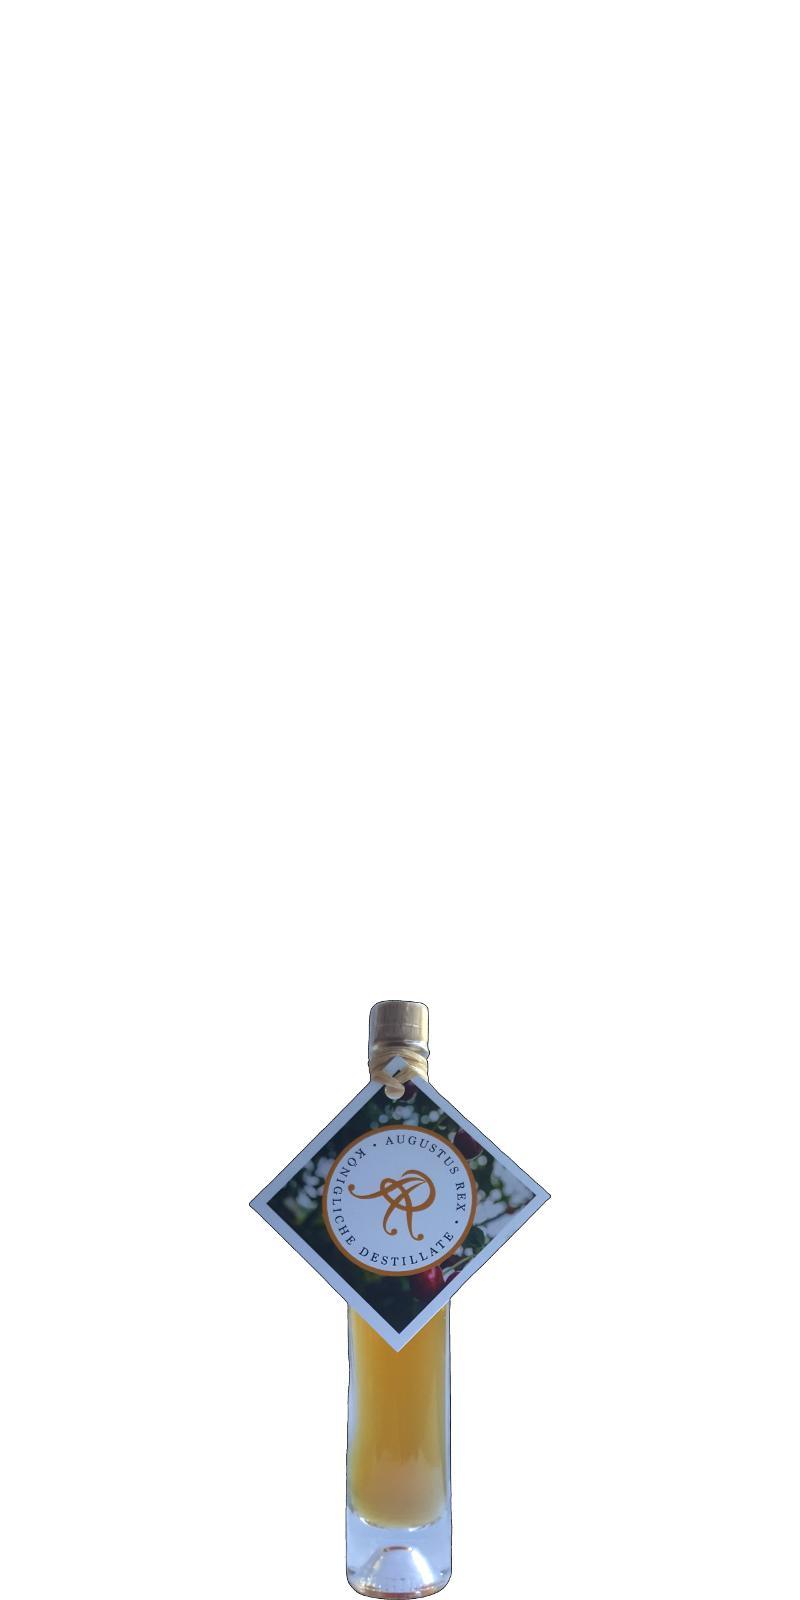 Dresdner Single Malt Whisky 2012